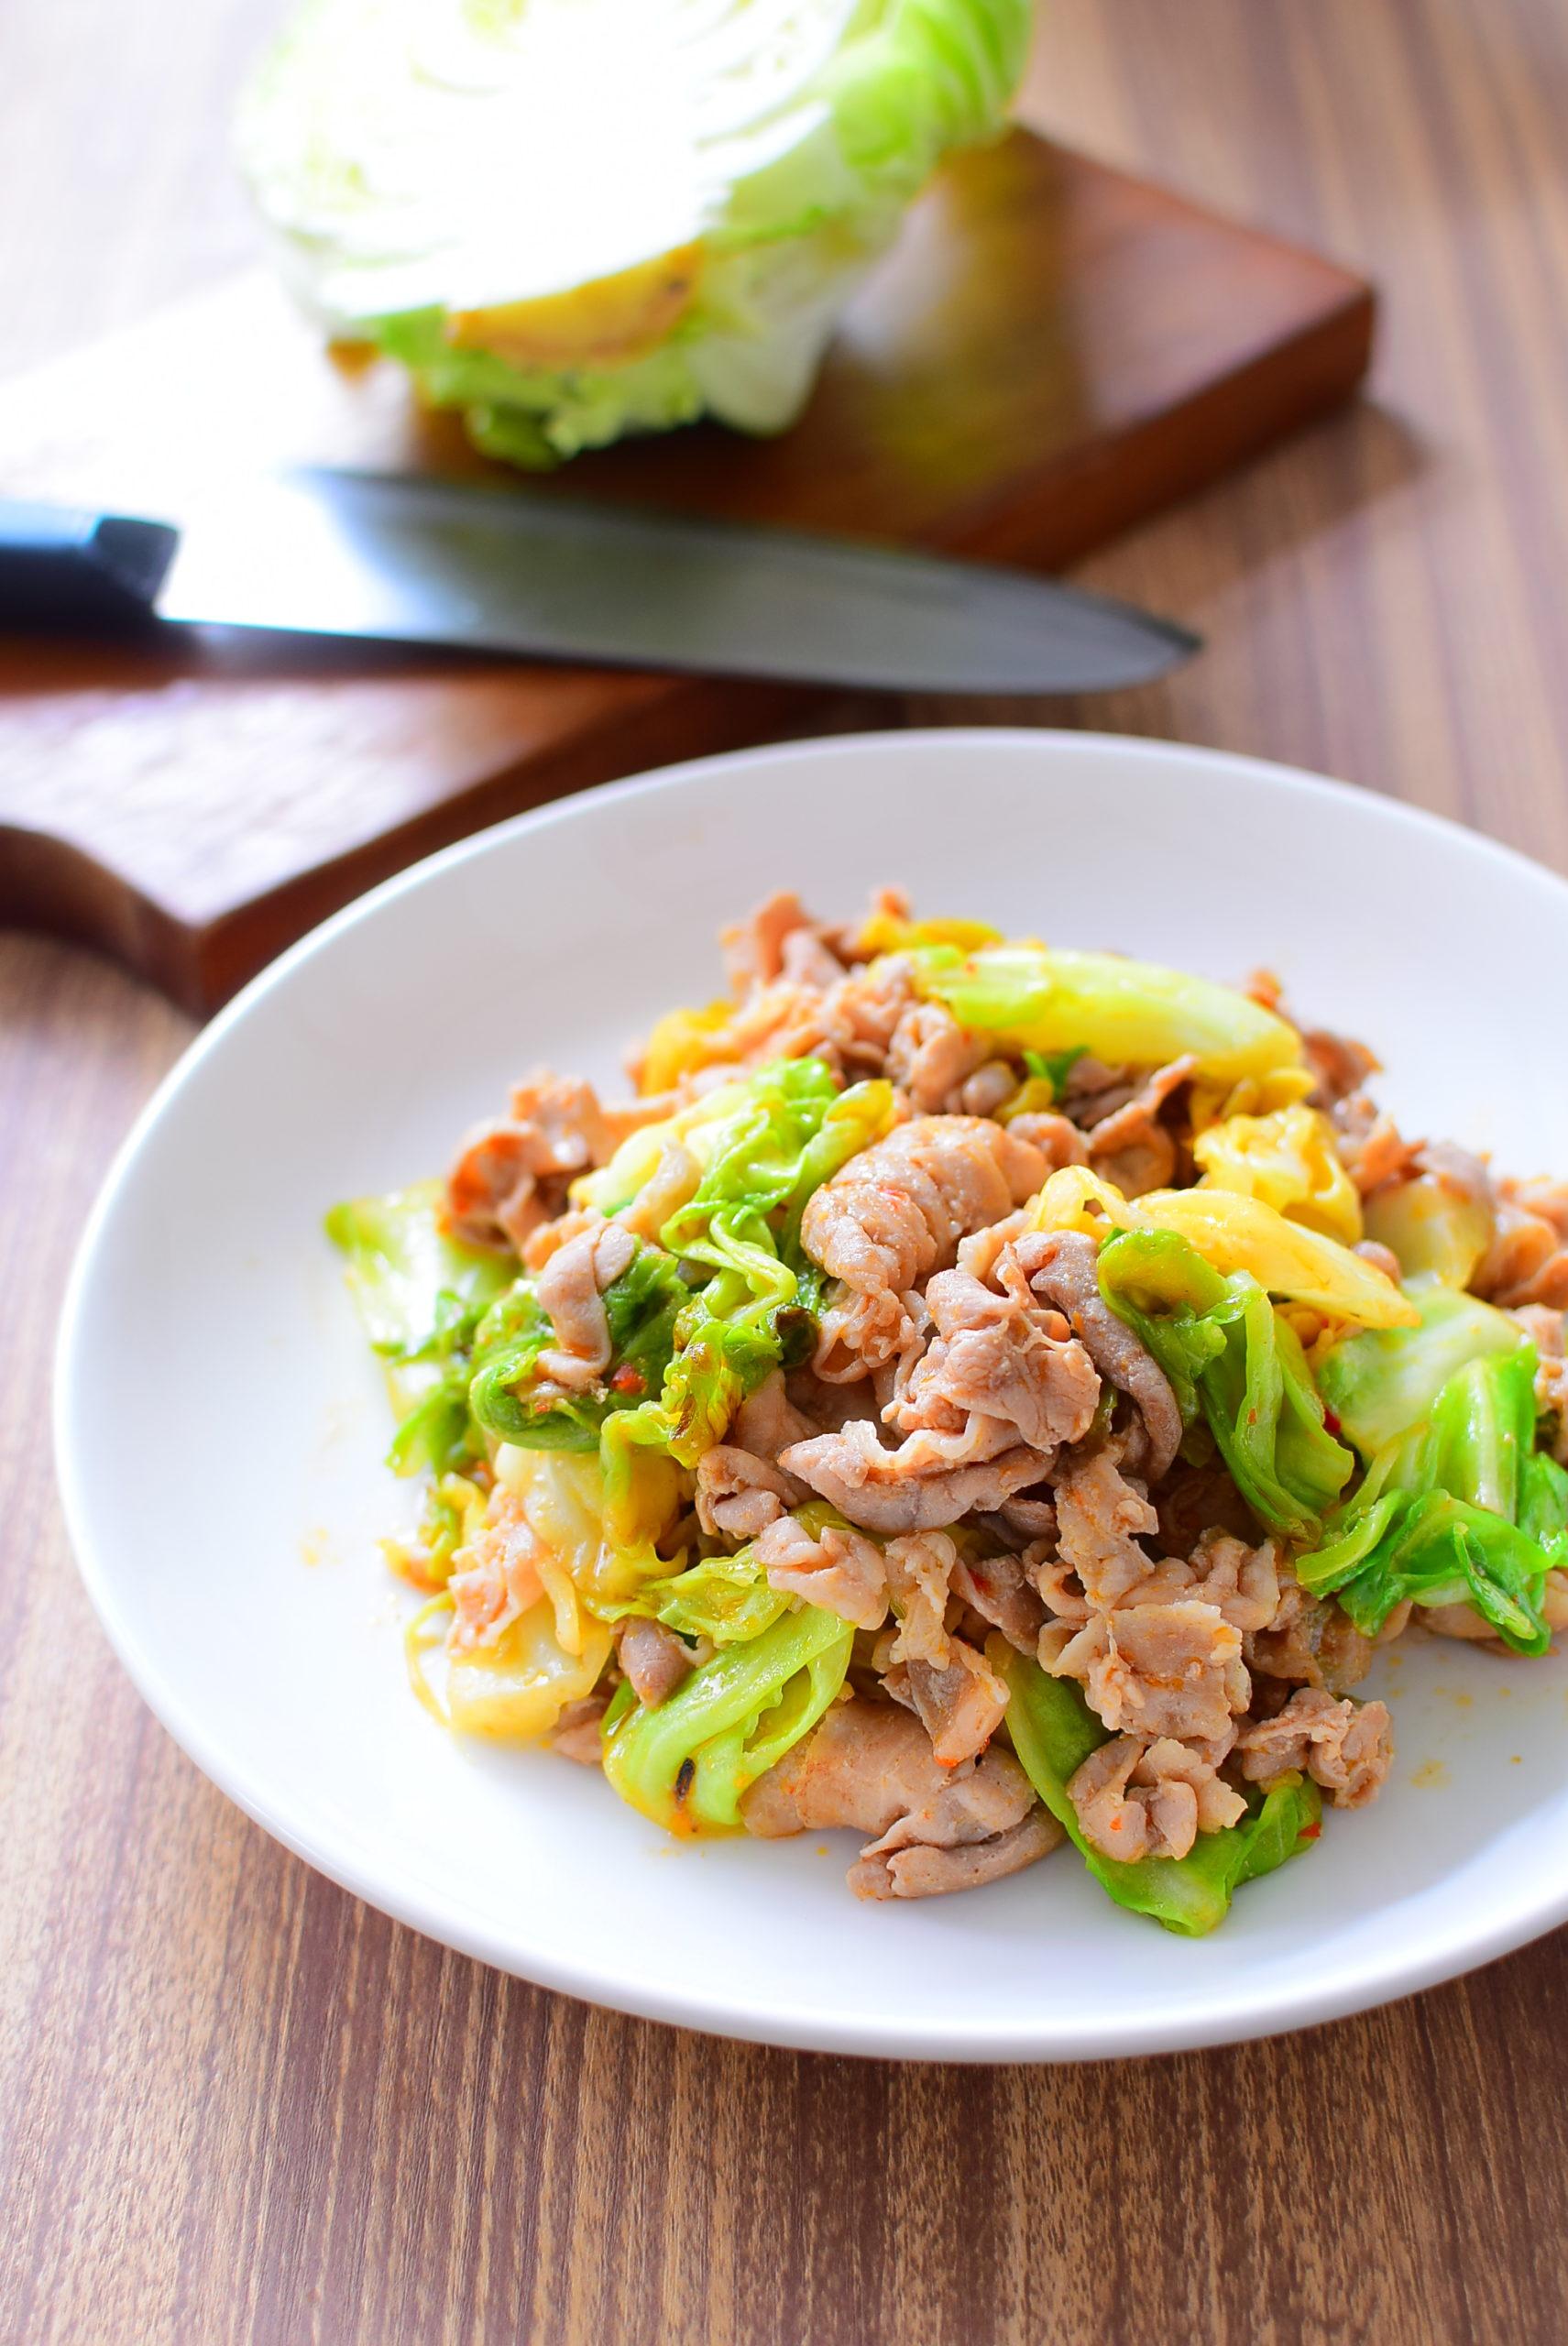 調味料3つで作れる!豚バラとキャベツのピリ辛オイスターソース味噌炒めのレシピ